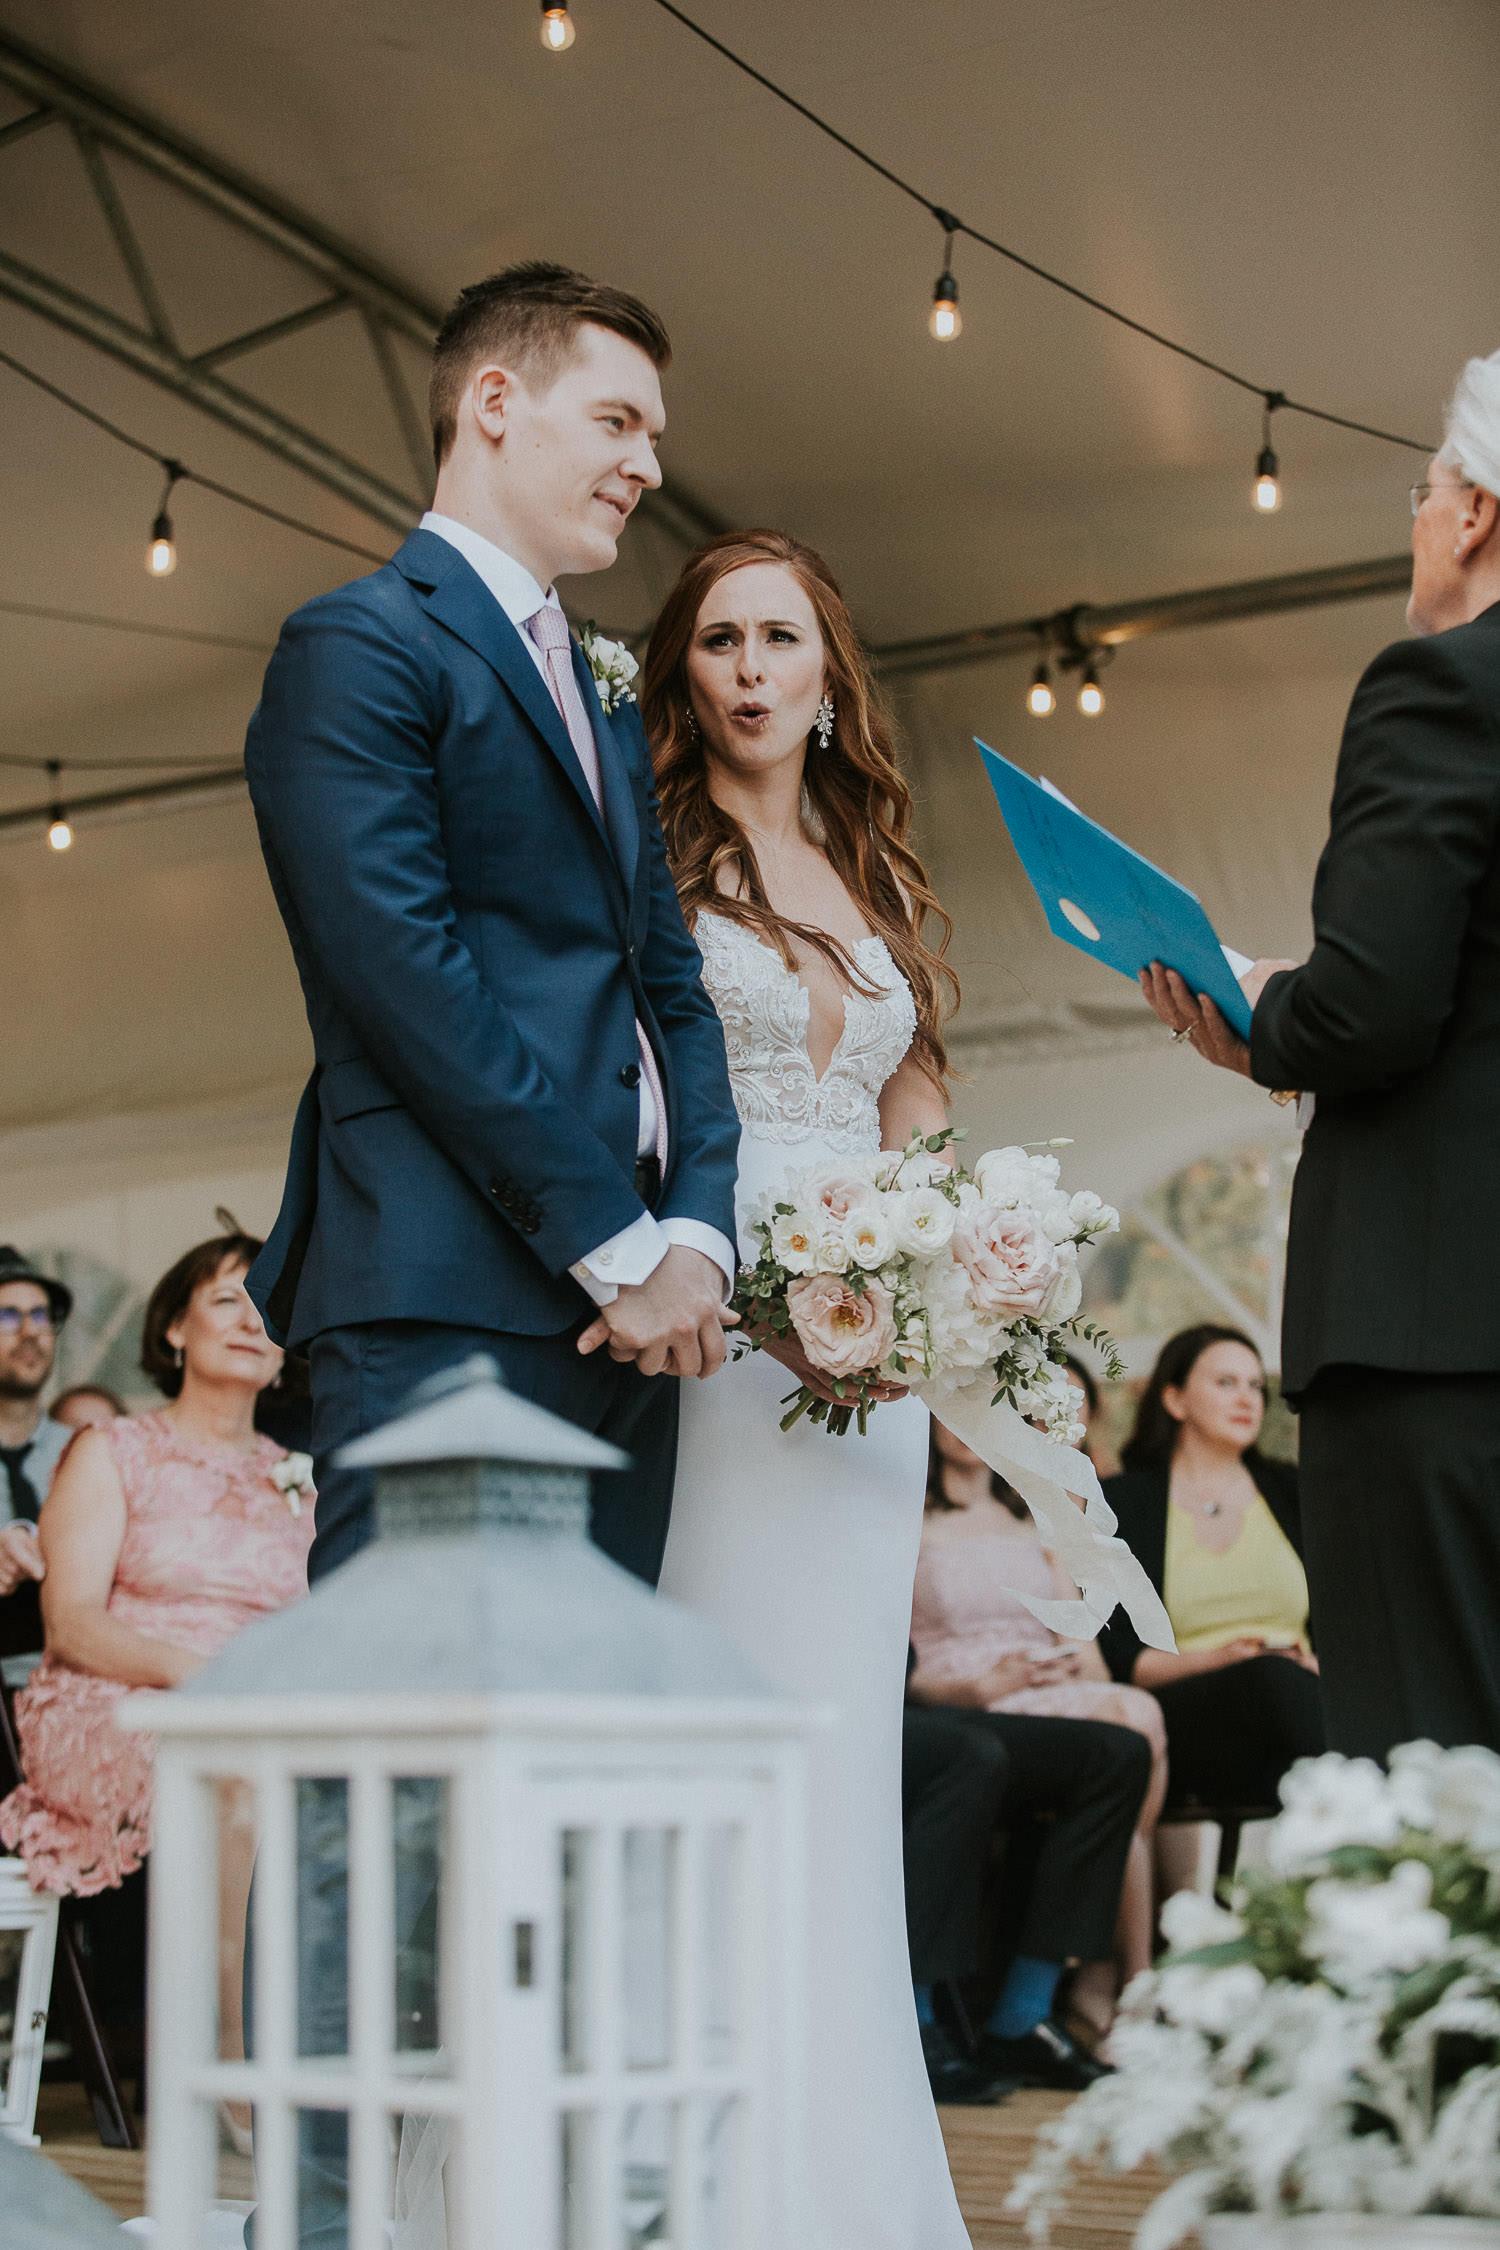 stewart-creek-wedding-sarah-pukin-238